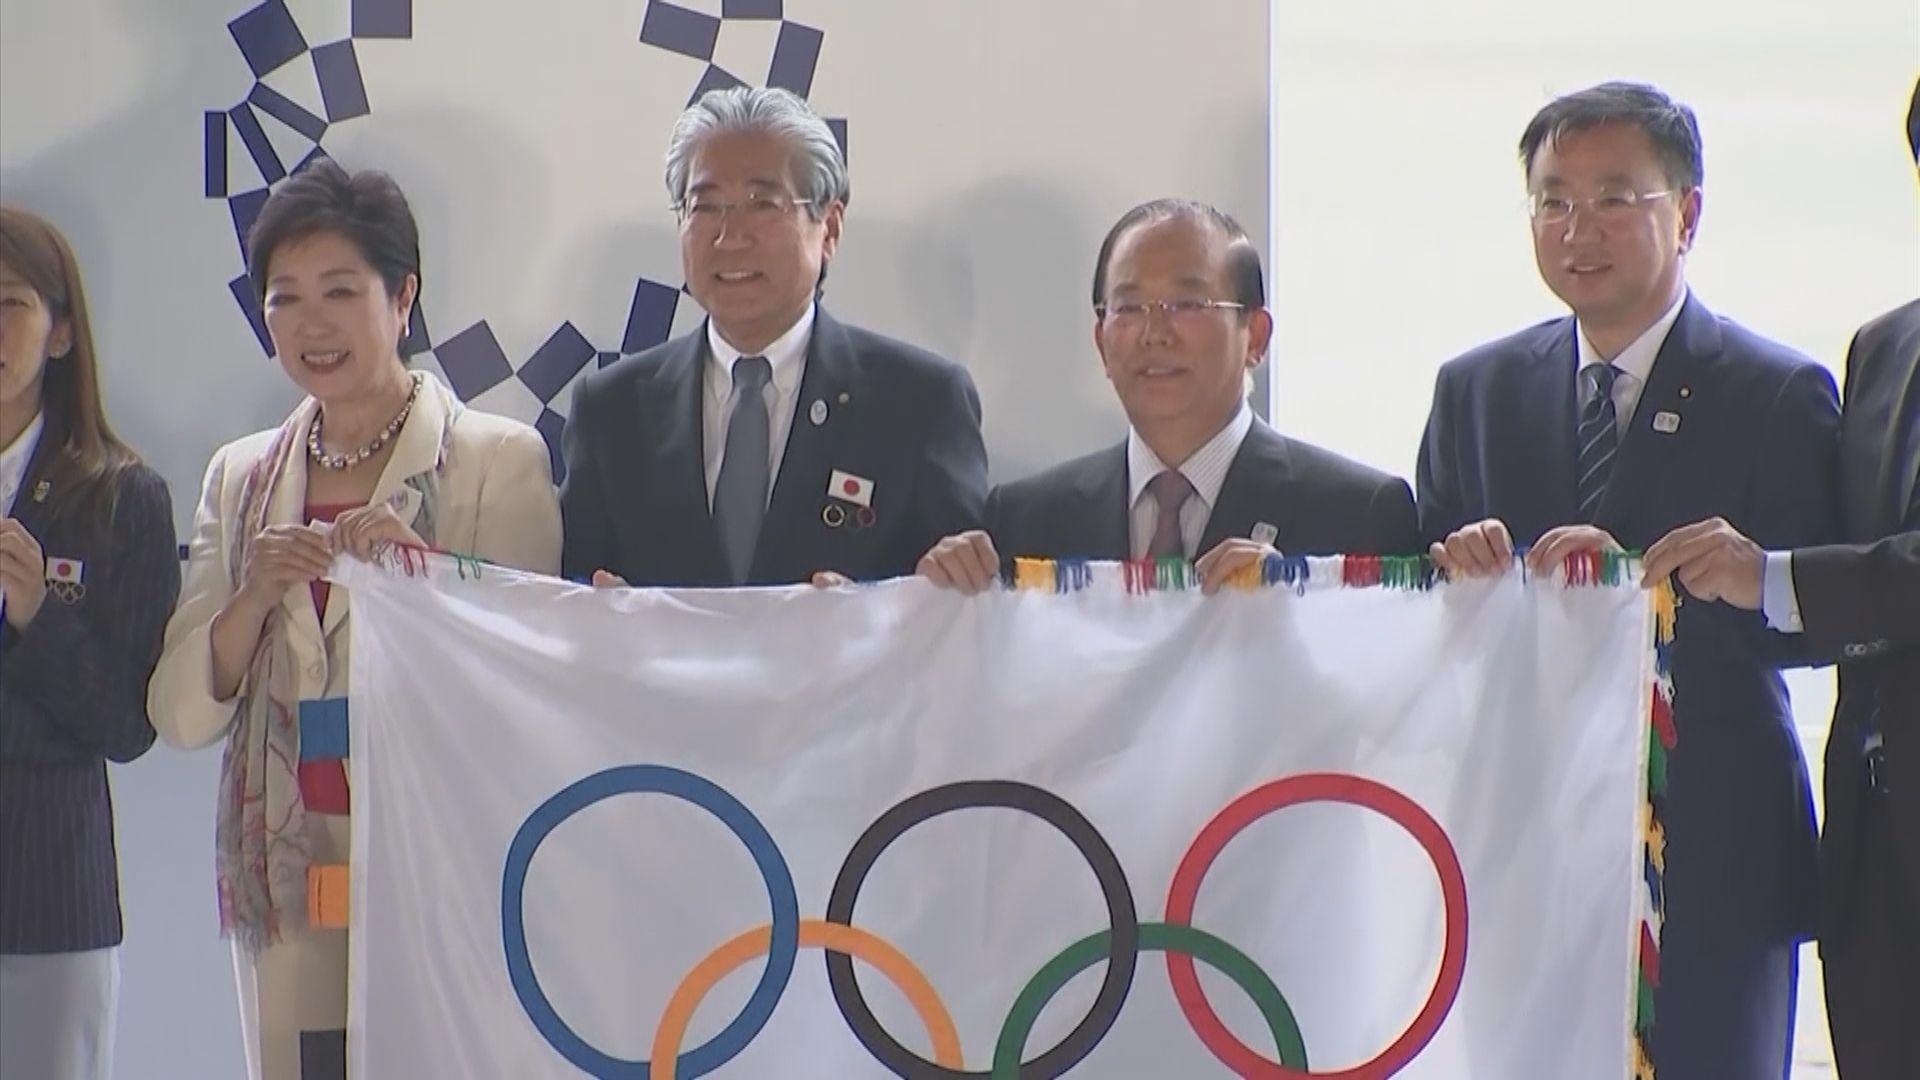 日本今屆奧運耗資逾二萬億日圓 延期或損逾六千億日圓